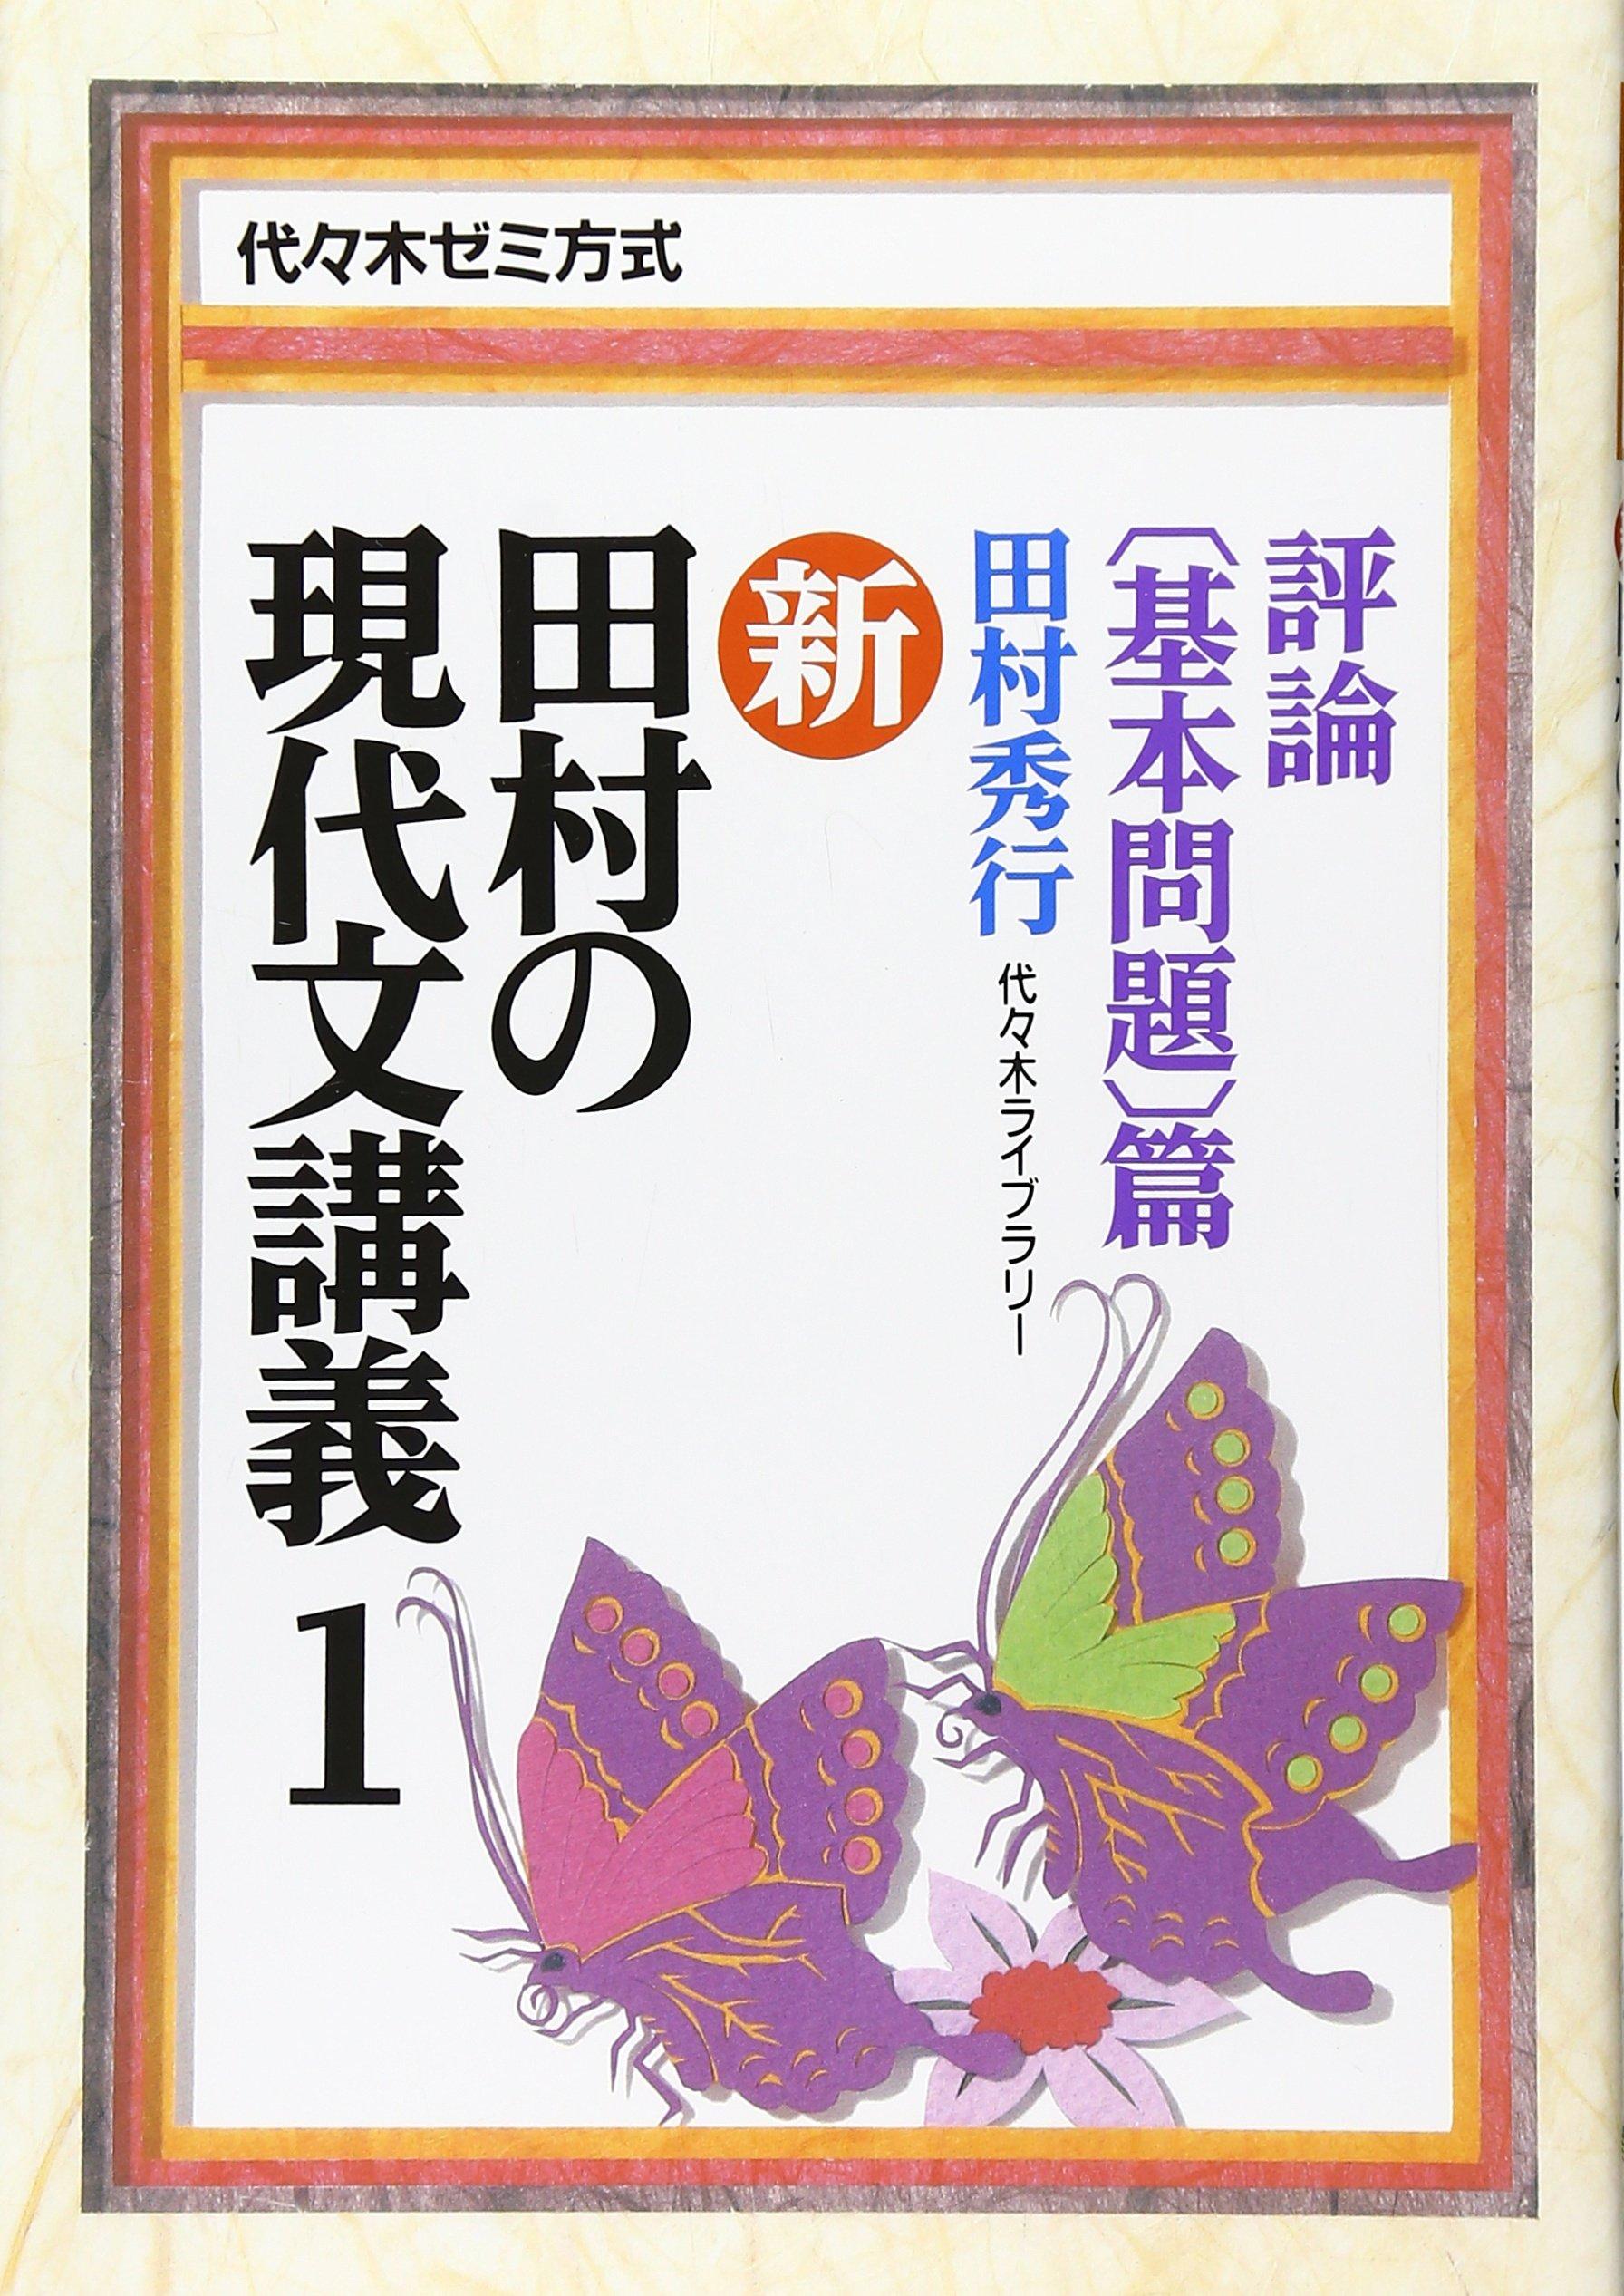 現代文のおすすめ参考書・問題集『新・田村の現代文講義』